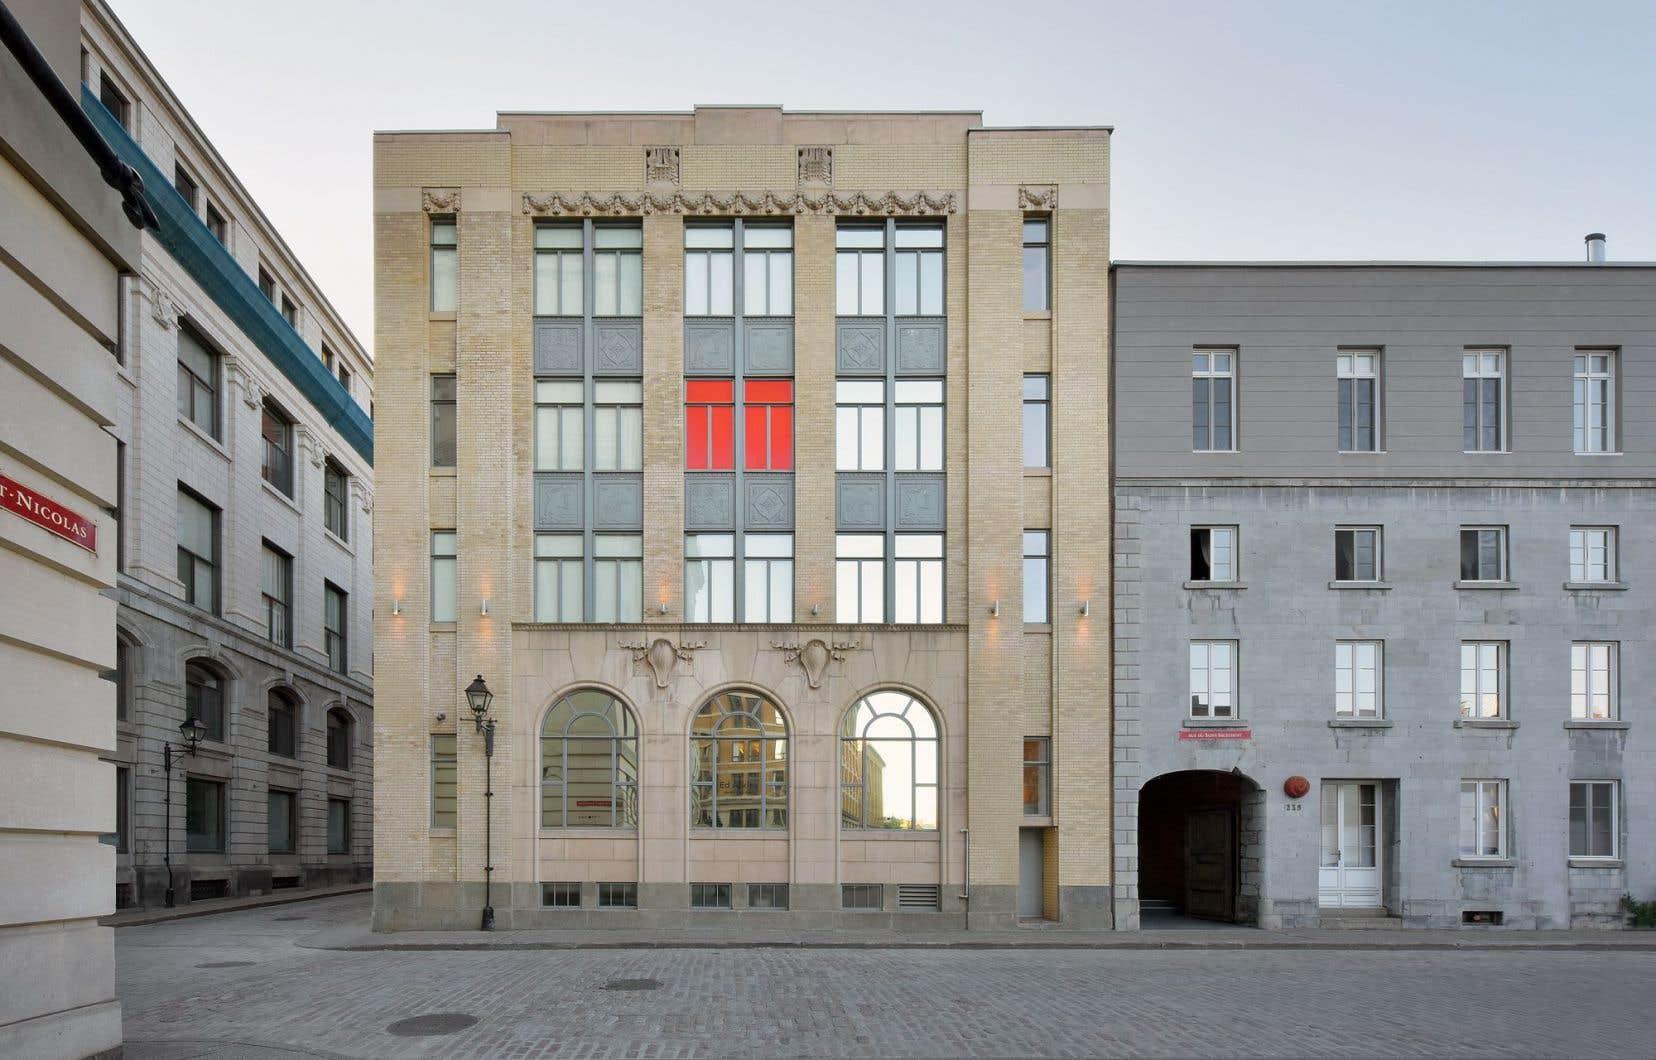 Abritée dans deux bâtiments patrimoniaux situés au cœur du Vieux-Montréal, DHC/ART se consacre à la présentation de l'art contemporain.